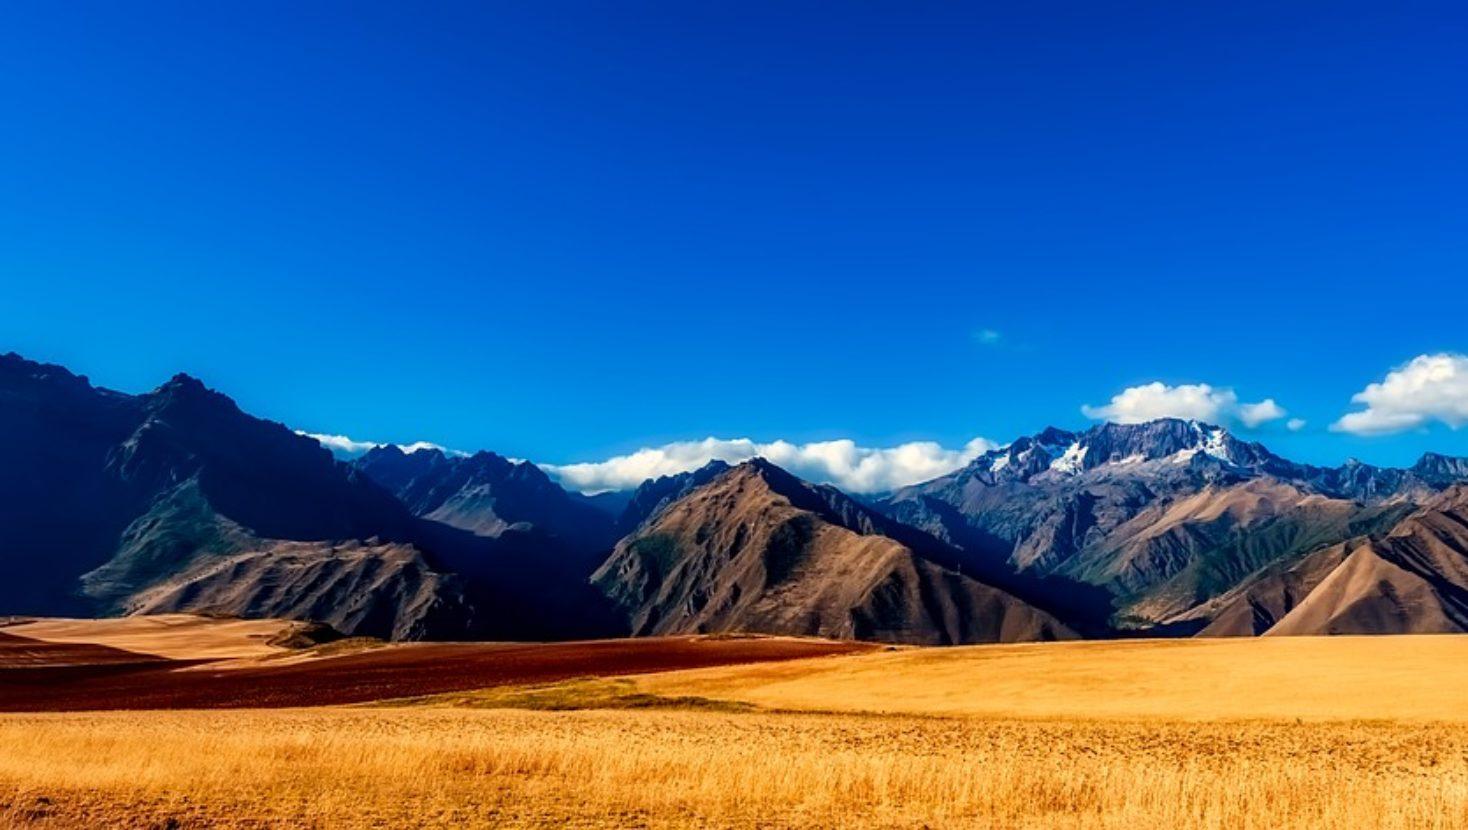 Séjour randonnée au Pérou pour vivre d'incroyables sensations